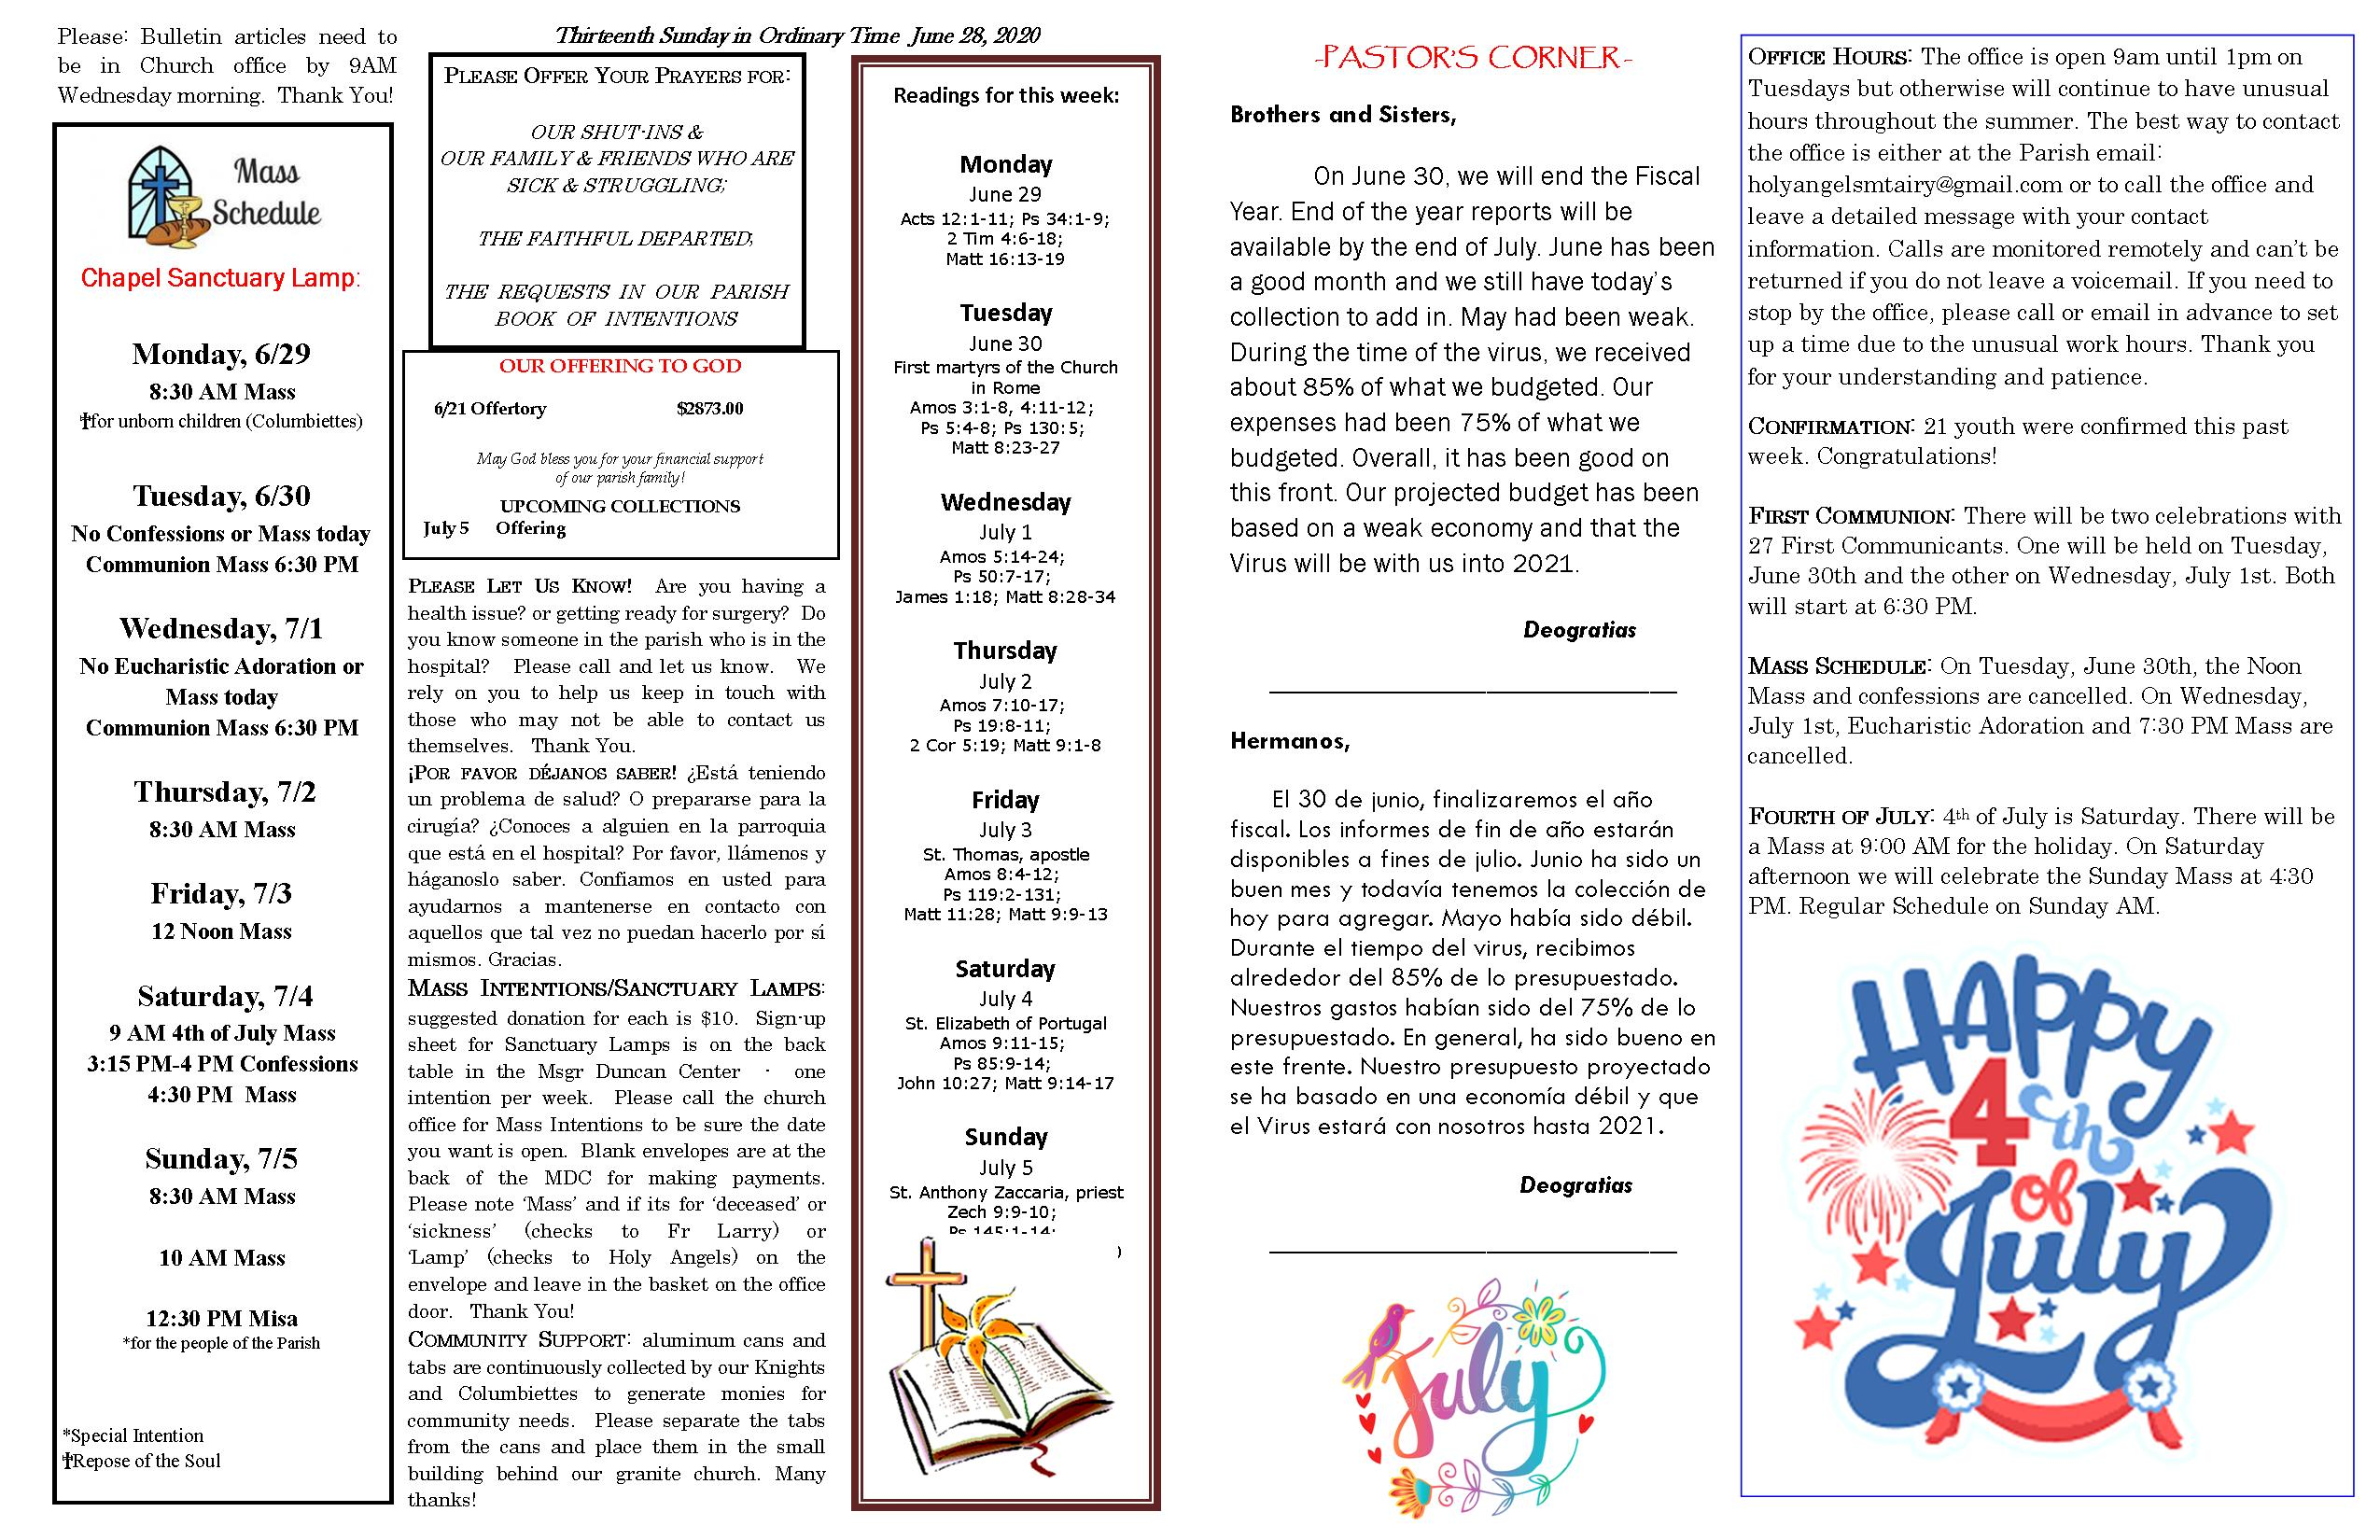 June 28 2020 page 2.jpg